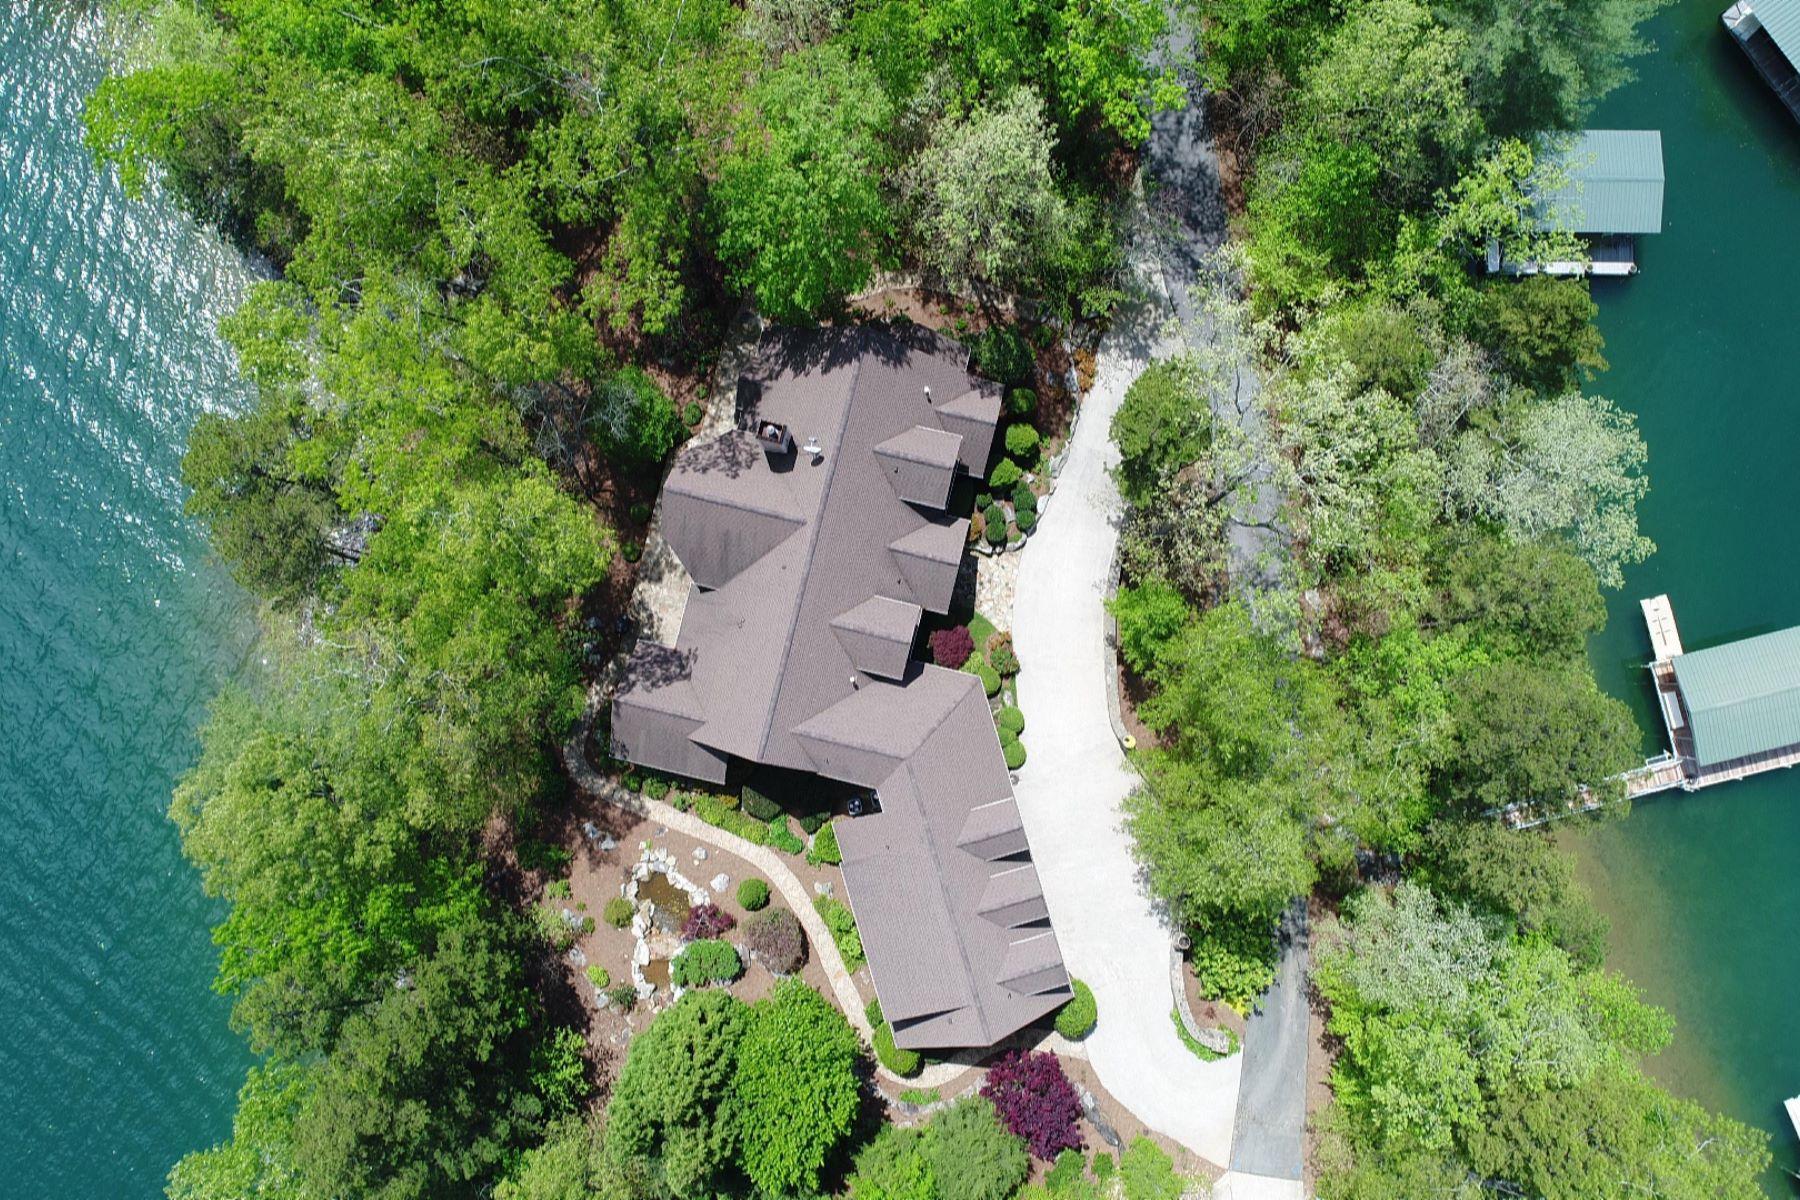 Casa Unifamiliar por un Venta en Front & Back of the Home are Leisurely Steps to the Lake 412 Ivorybill Way Salem, Carolina Del Sur, 29676 Estados Unidos